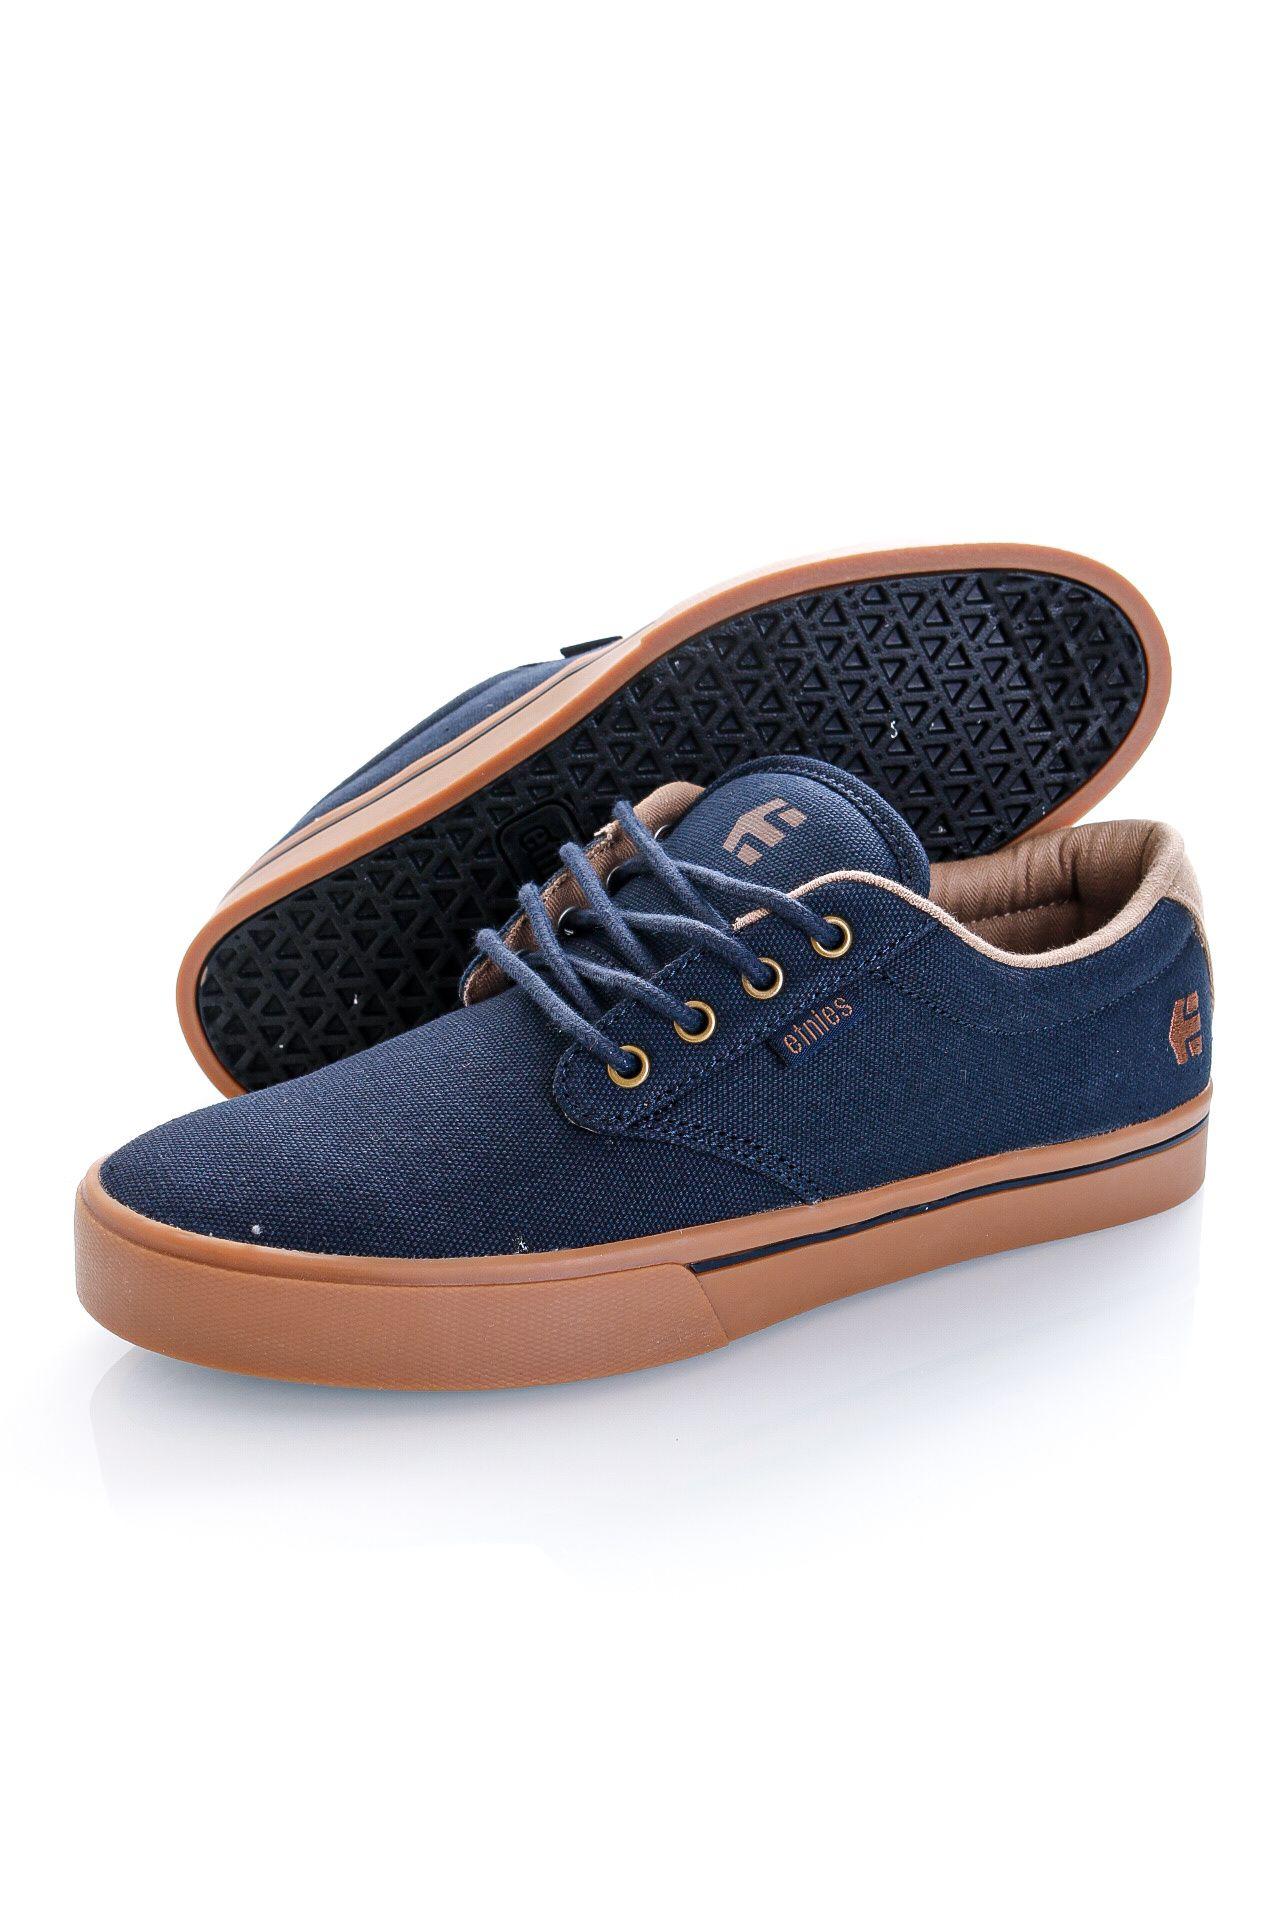 Afbeelding van Etnies Sneakers JAMESON 2 ECO NAVY/GUM/GOLD 4101000323